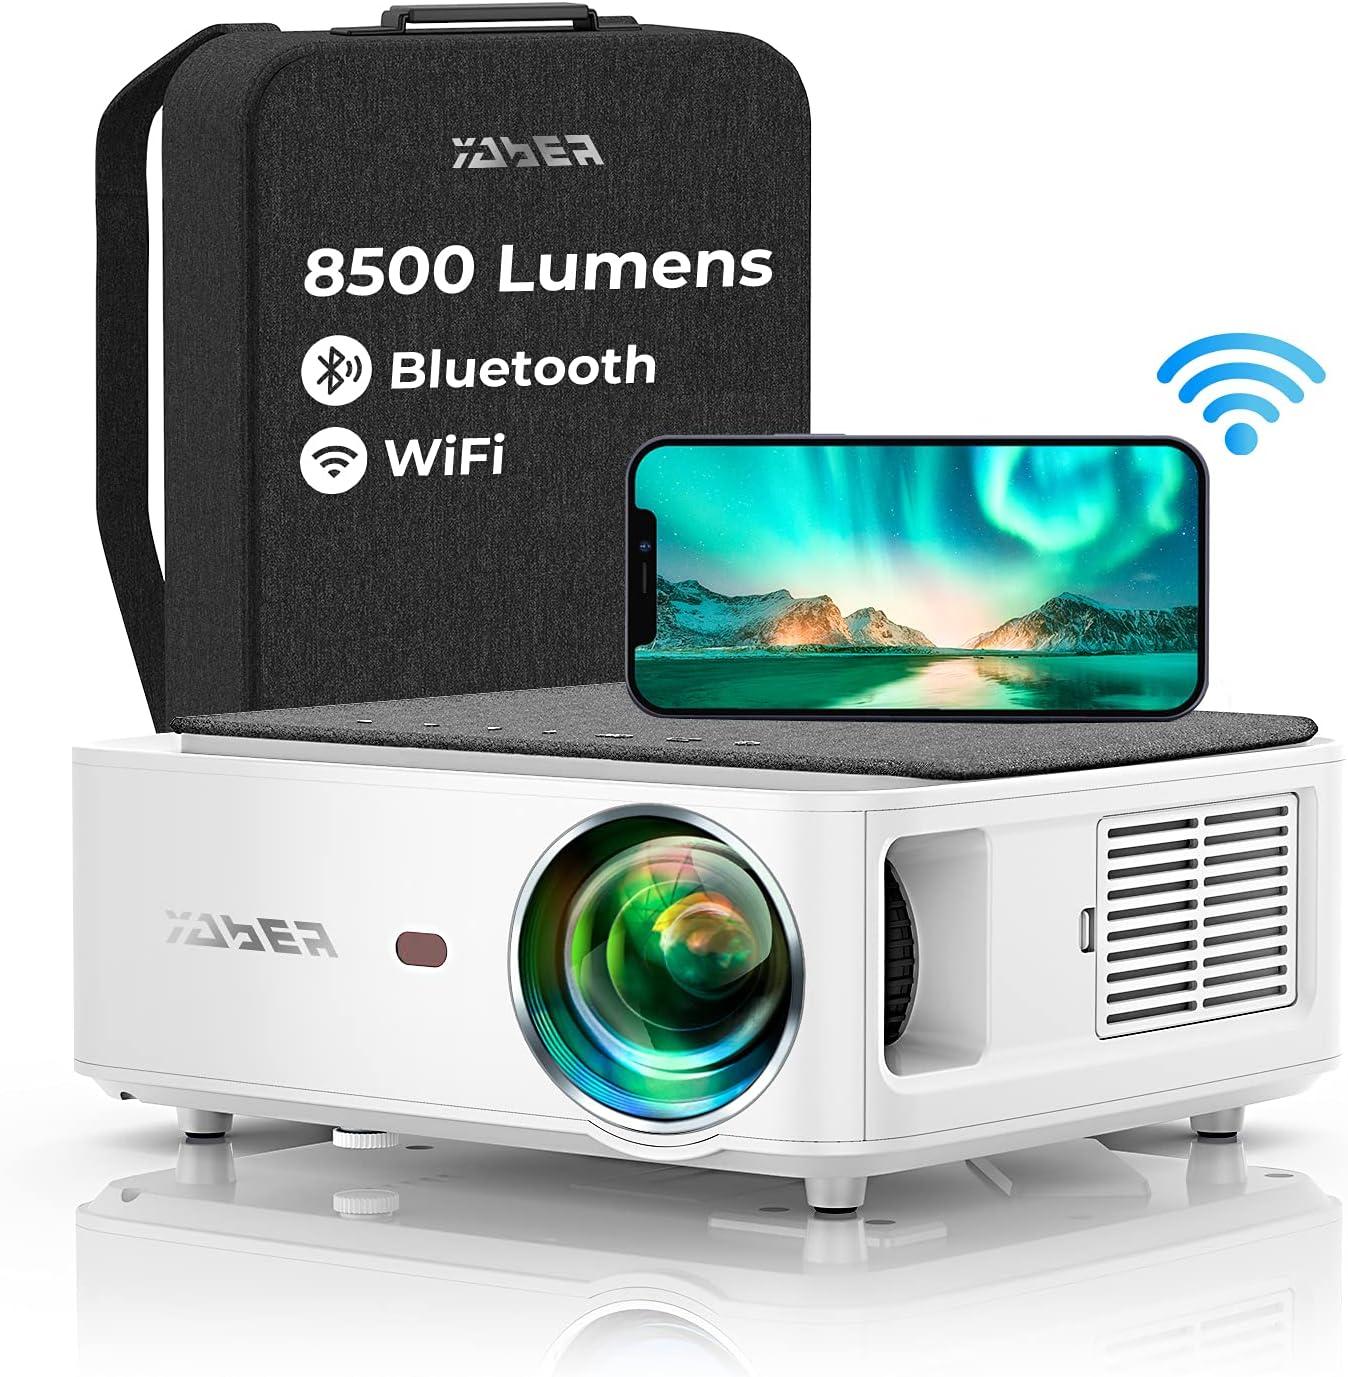 YABER プロジェクター 8500lm Wifi 5G